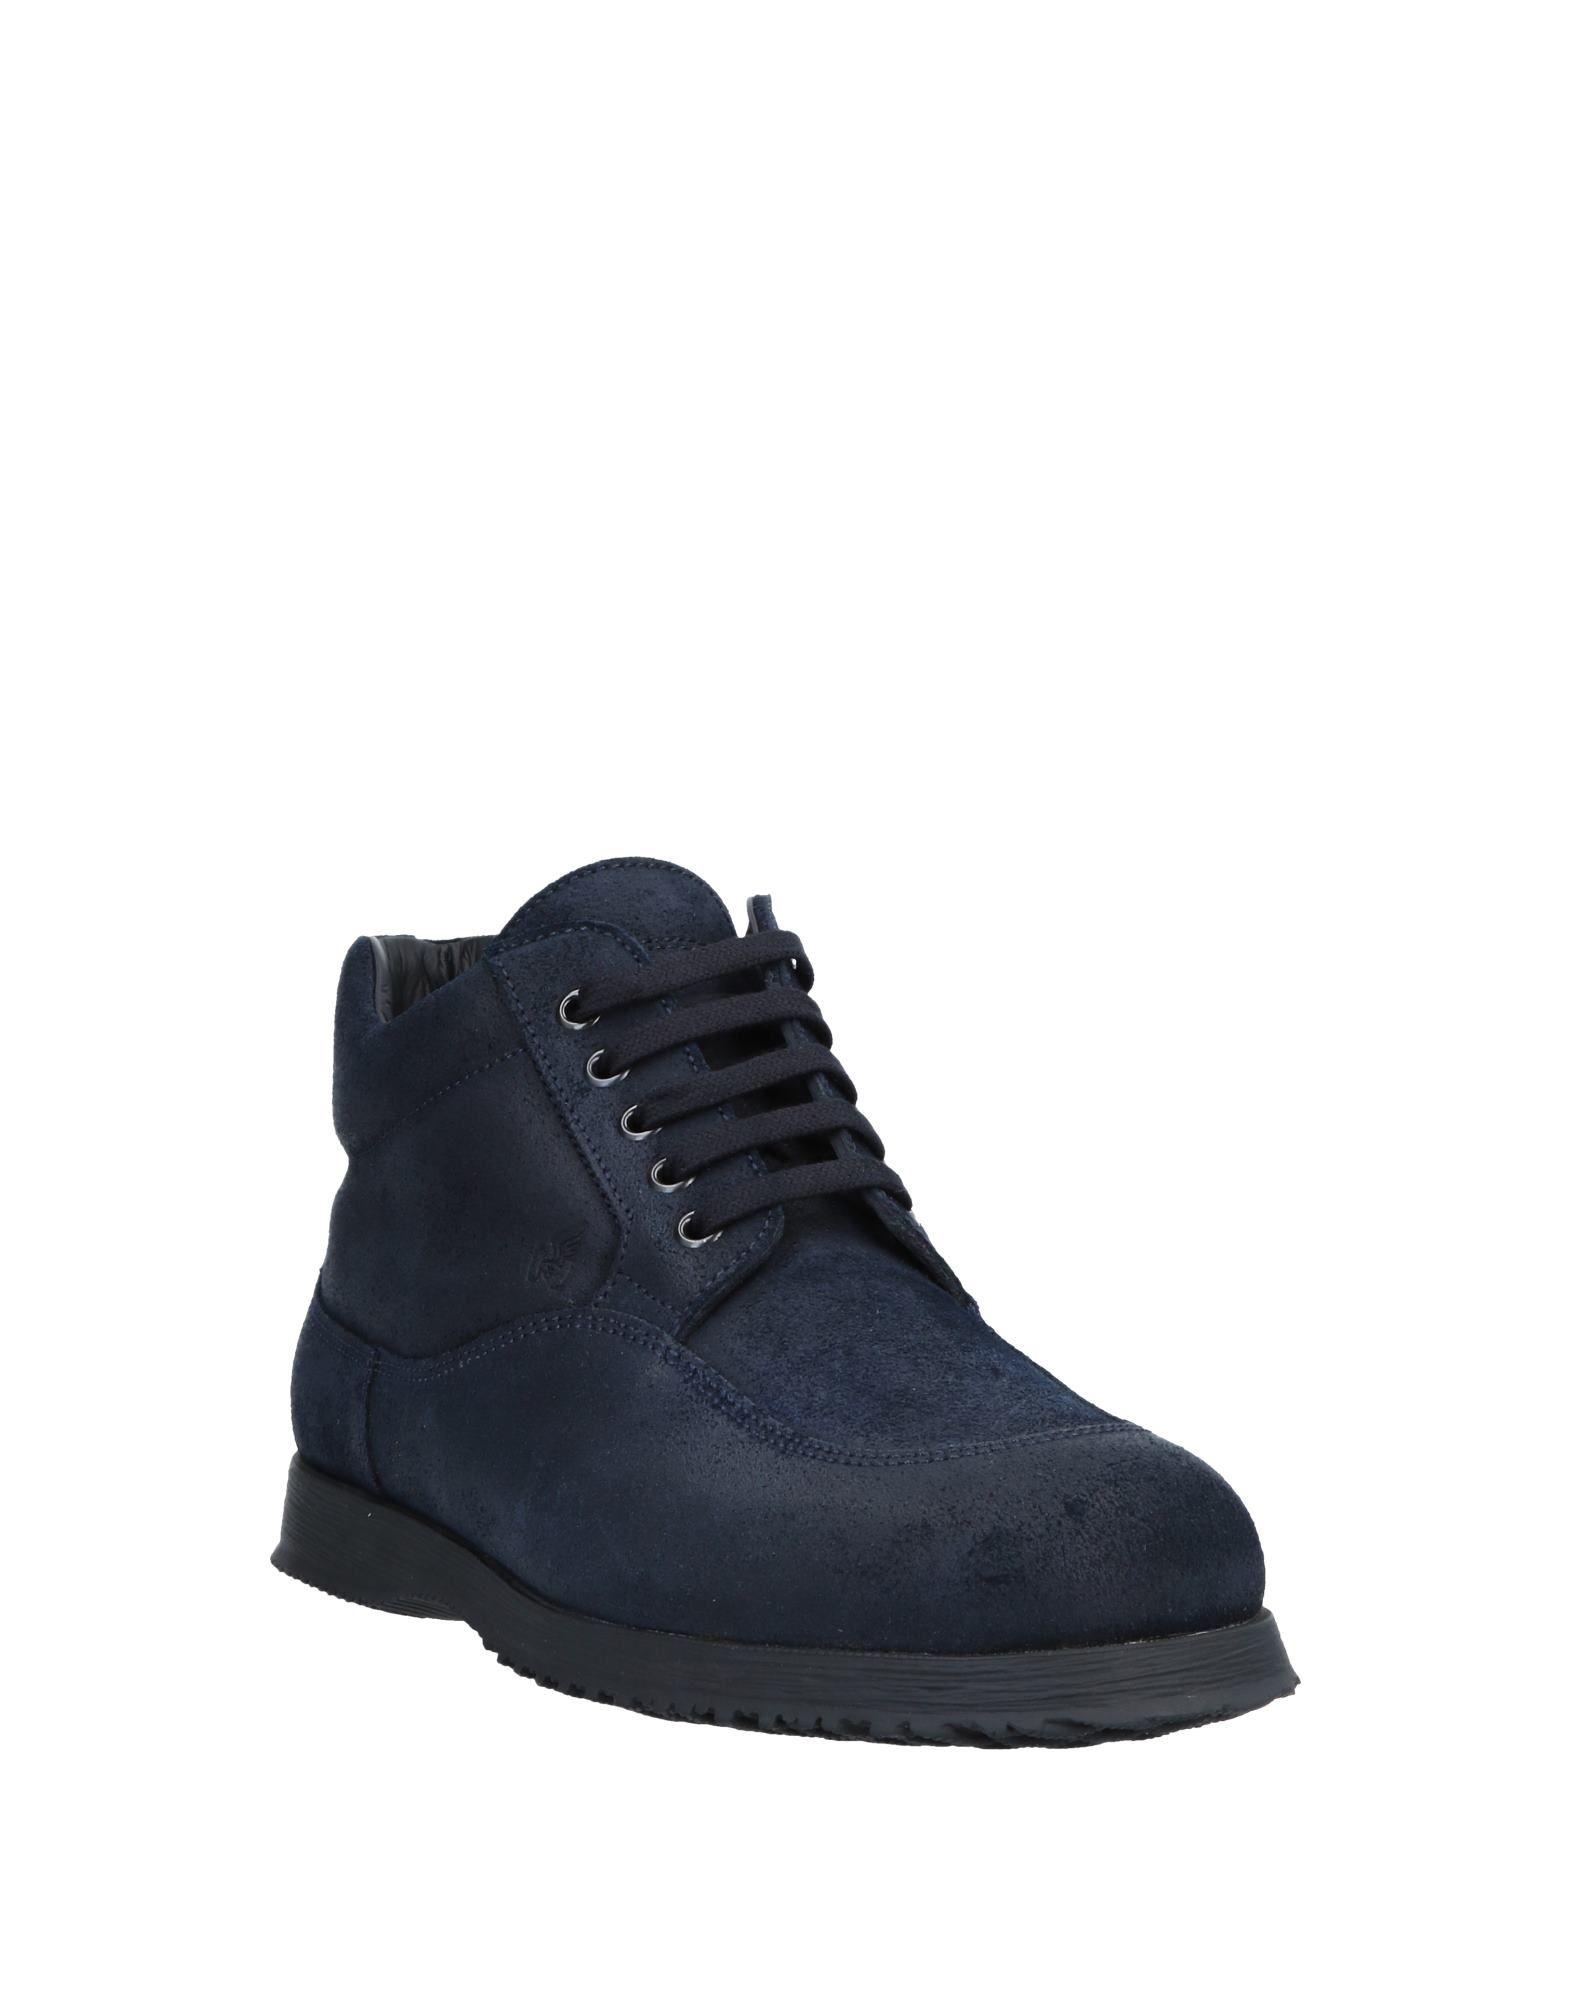 Hogan Sneakers Qualität Herren  11559727KC Gute Qualität Sneakers beliebte Schuhe 616a60